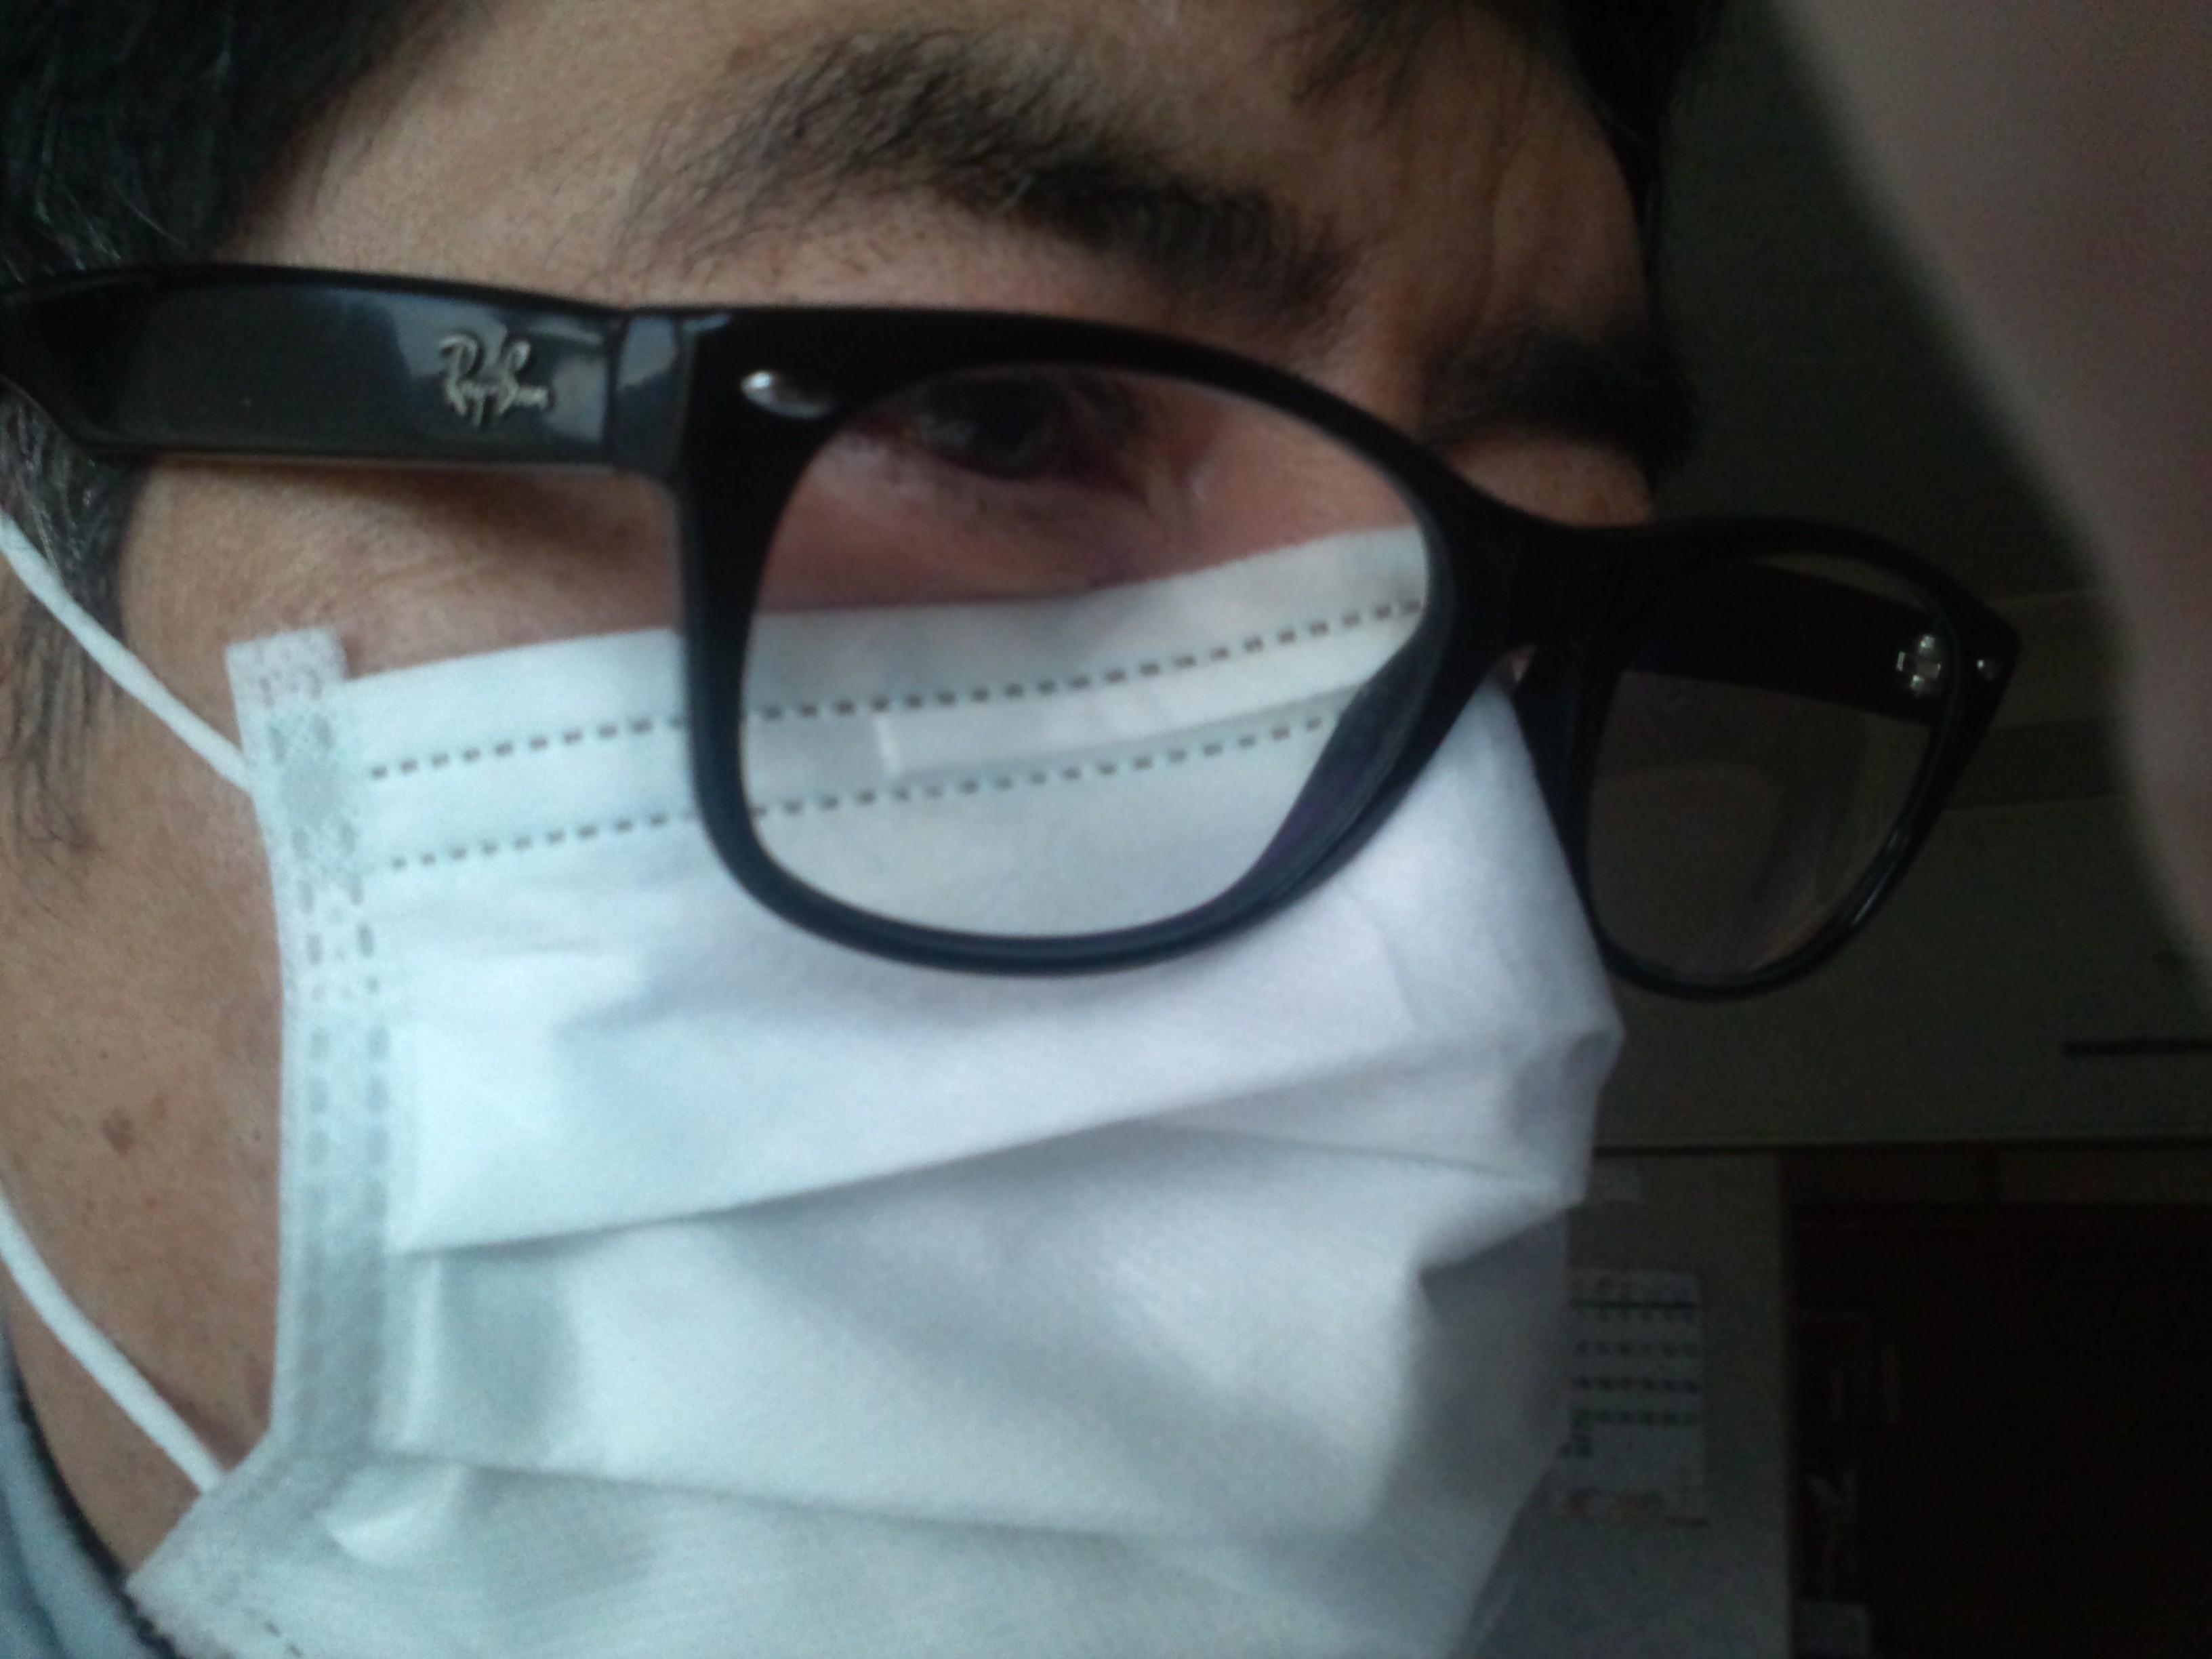 鈴木亮平のマスクしてもメガネが曇らない方法と舞台の話題も